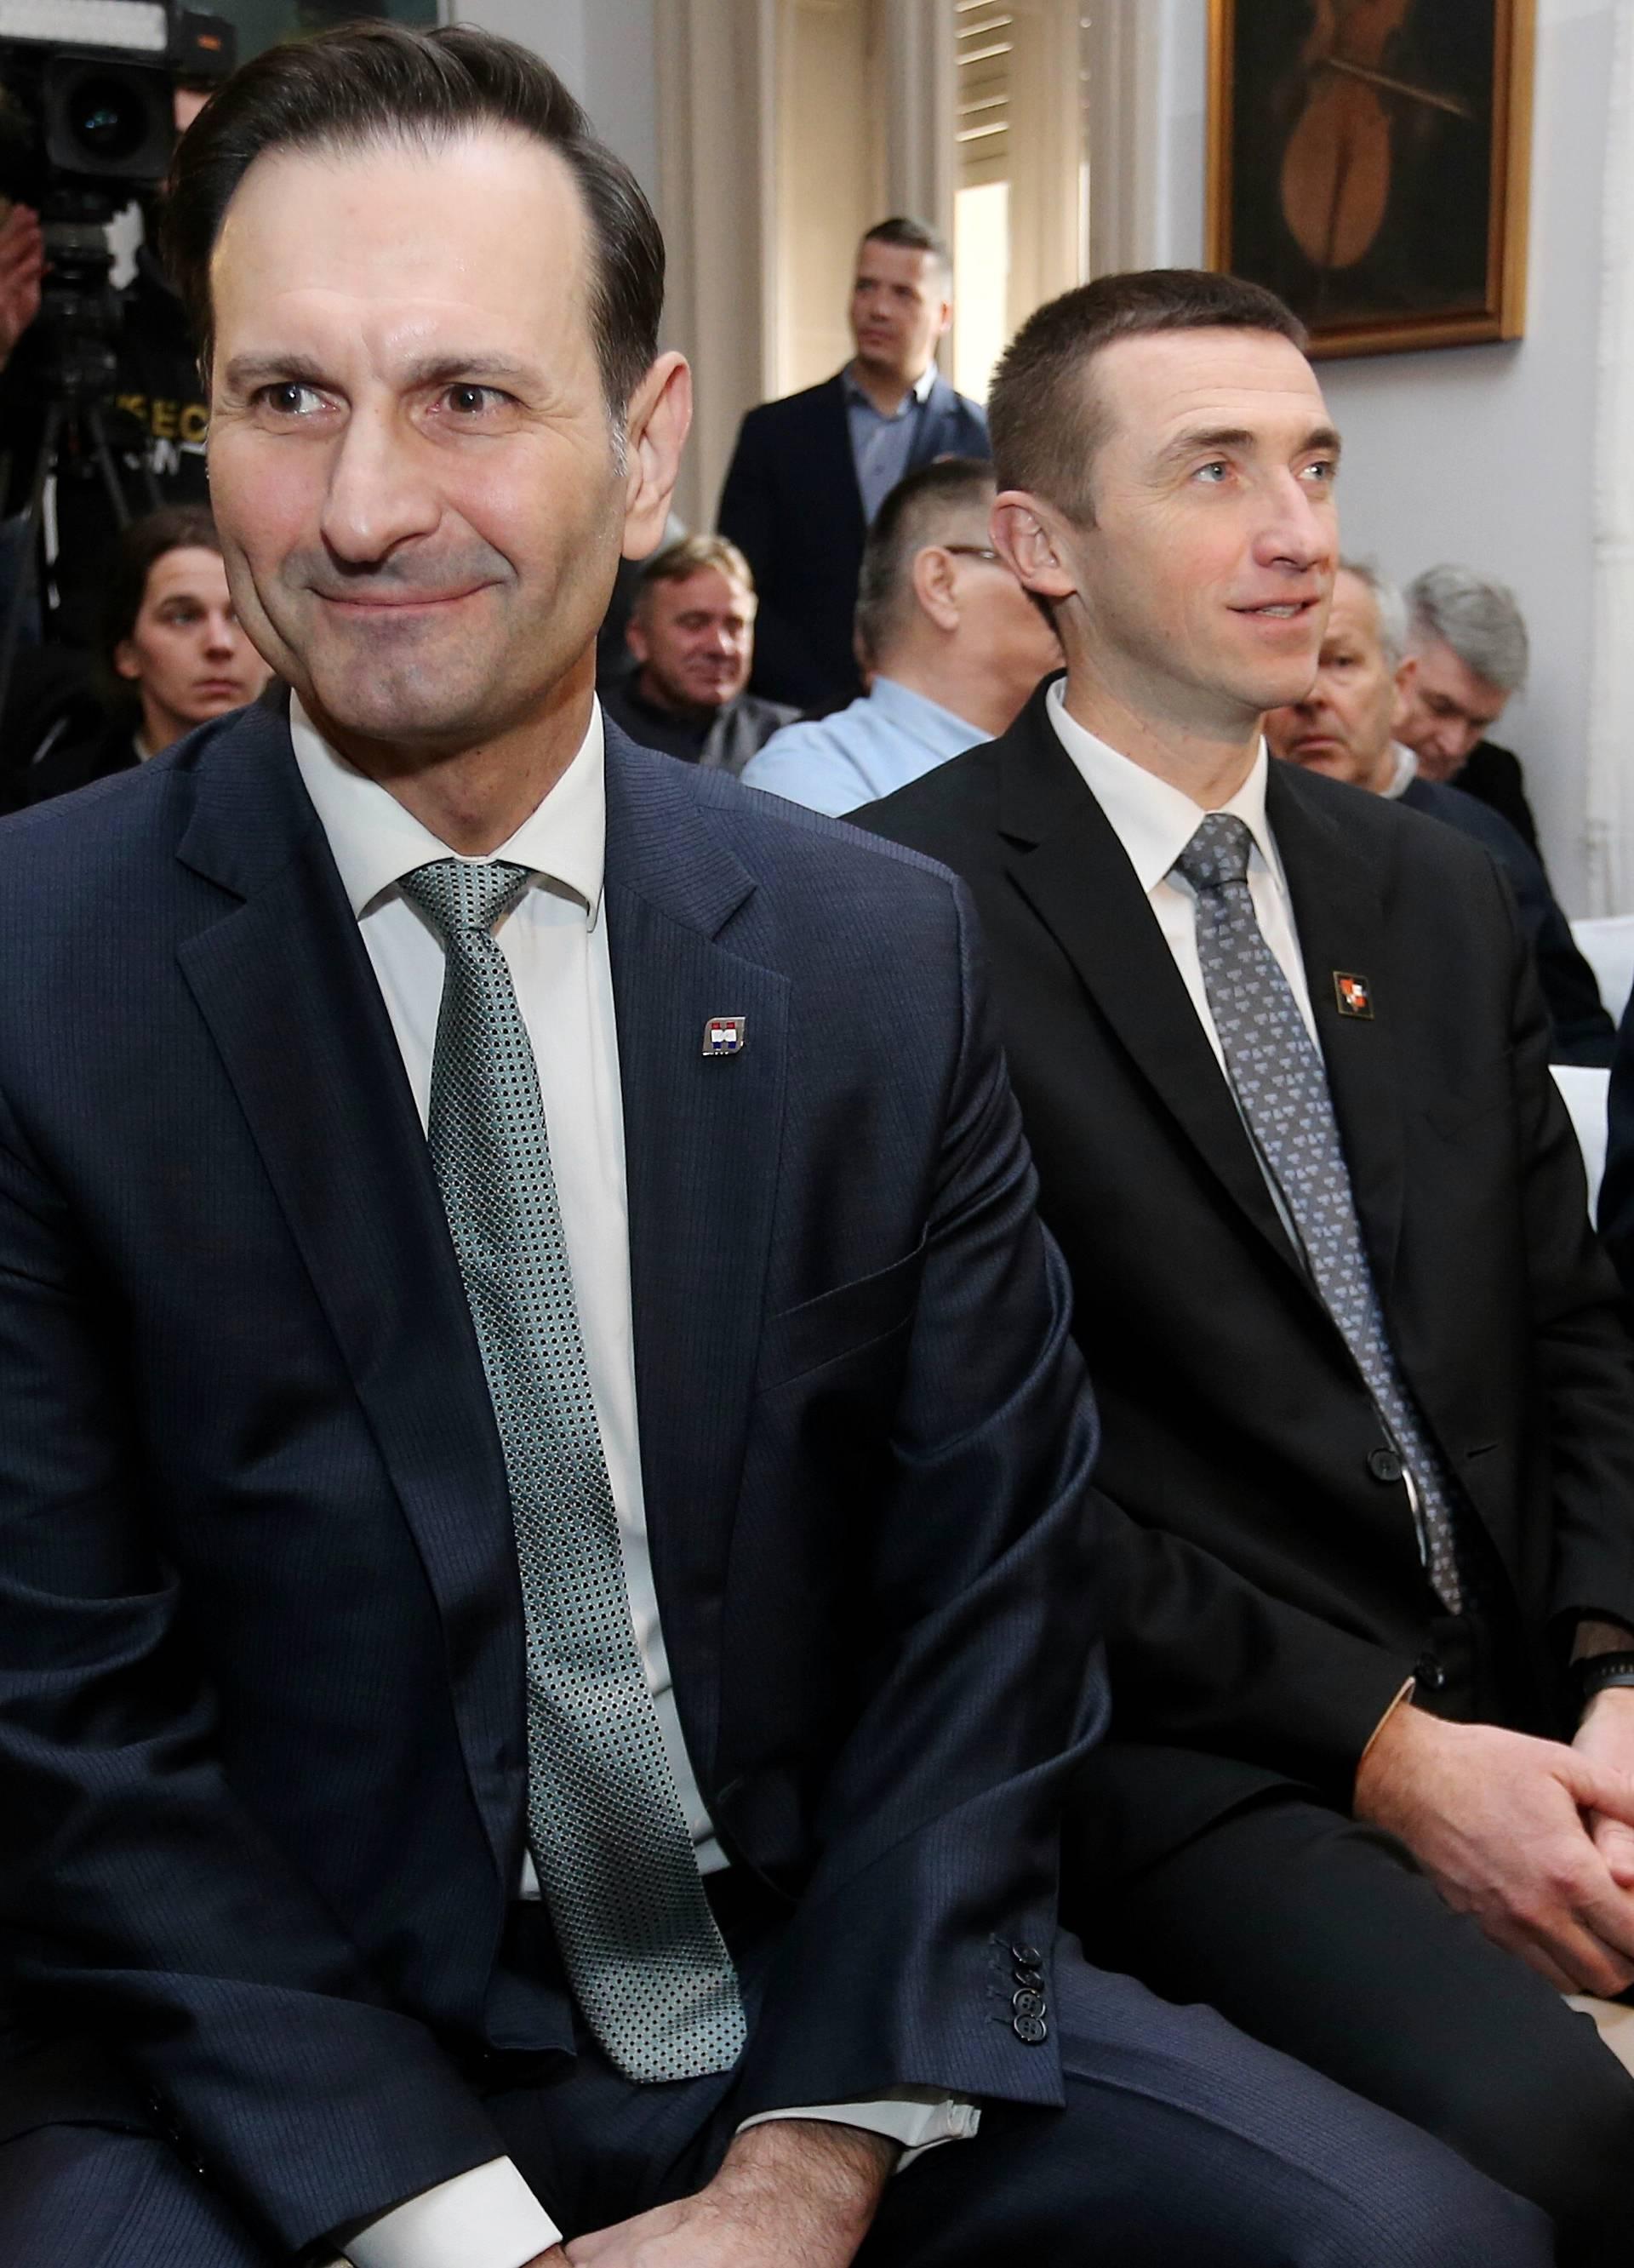 Miro Kovač, Ivan Penava i Davor Ivo Stier održali zajedničku konferenciju za medije